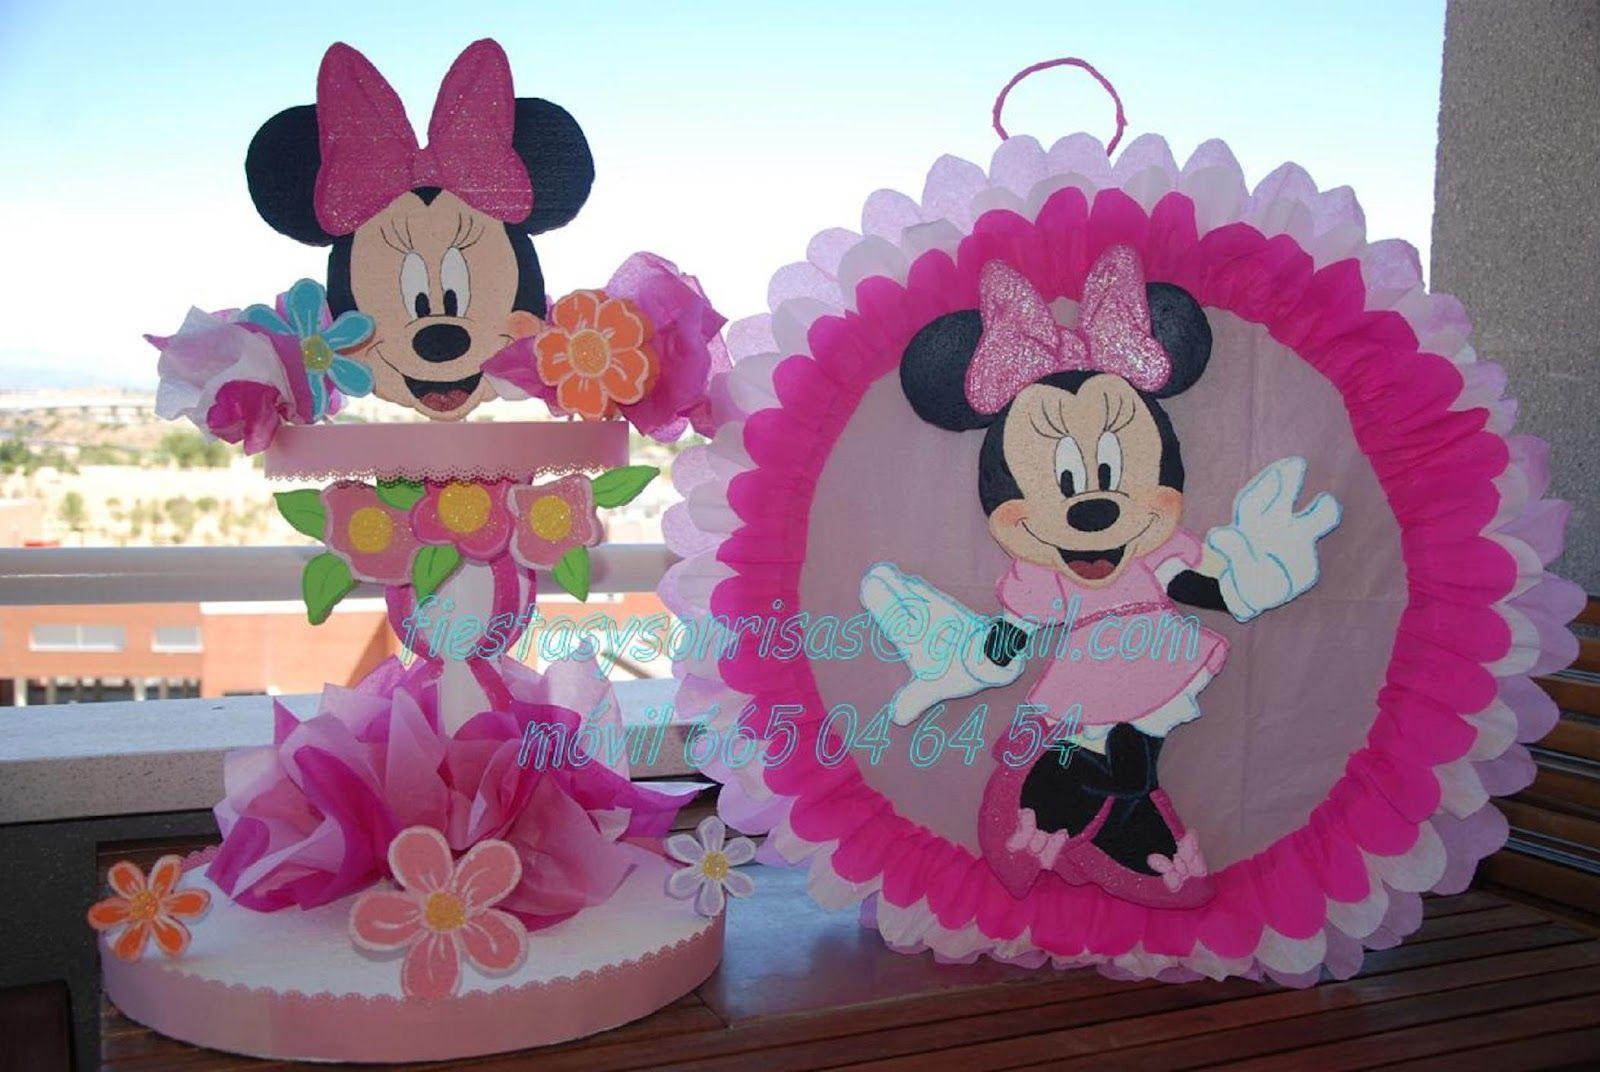 Decoraciones para quinceaneras fiestas y sonrisas for Decoracion minnie mouse